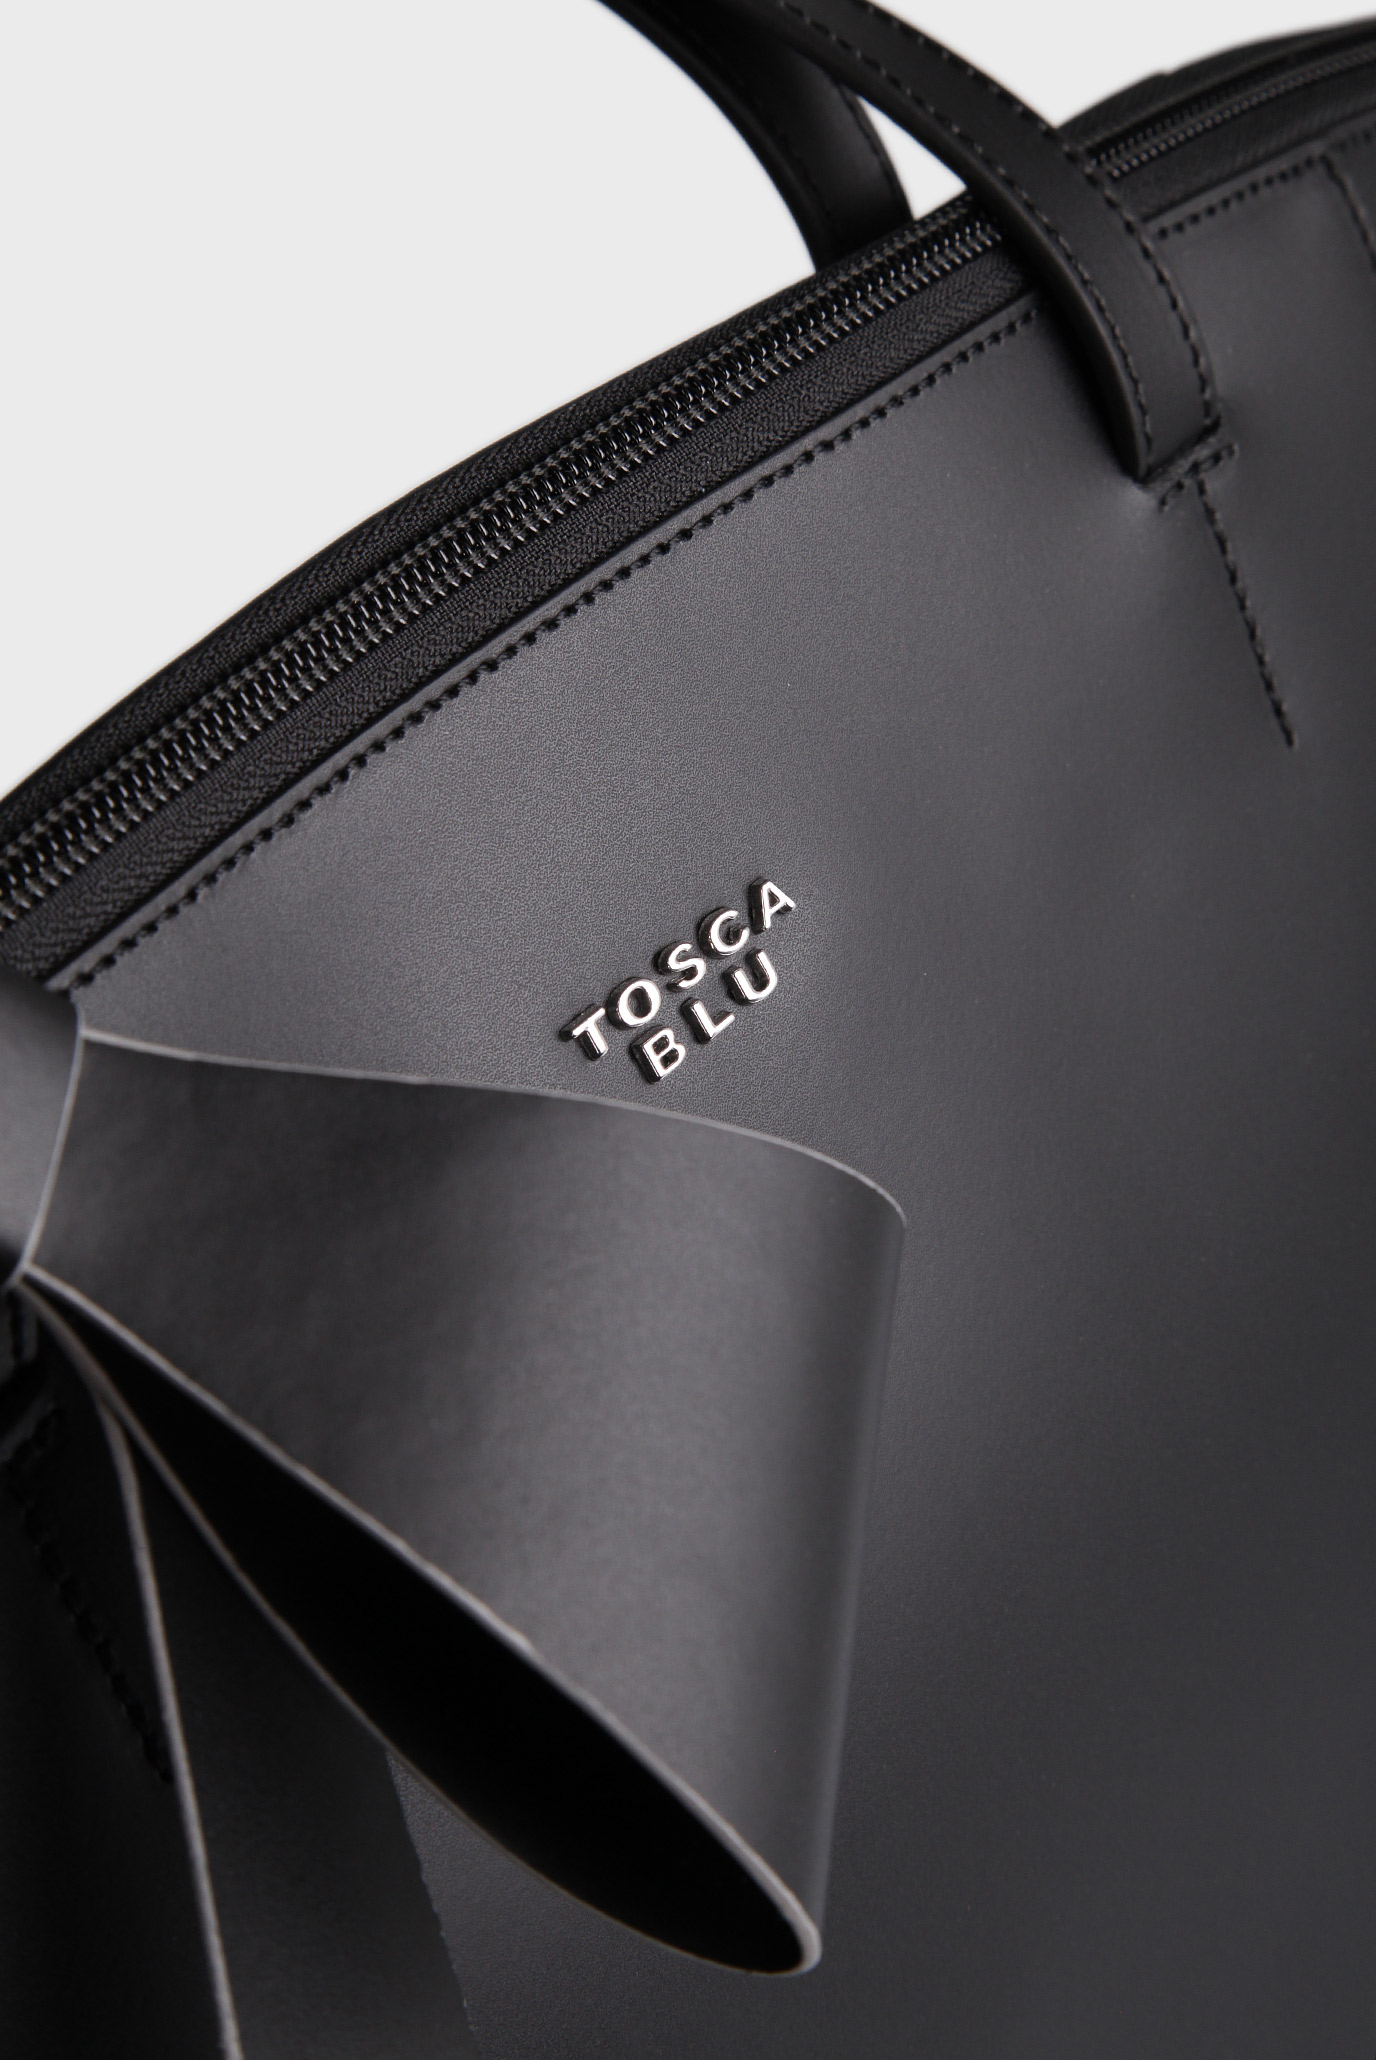 830cbe07e531 Купить Женская черная кожаная сумка на плечо Tosca Blu Tosca Blu TF17CB130  – Киев, Украина. Цены в ...